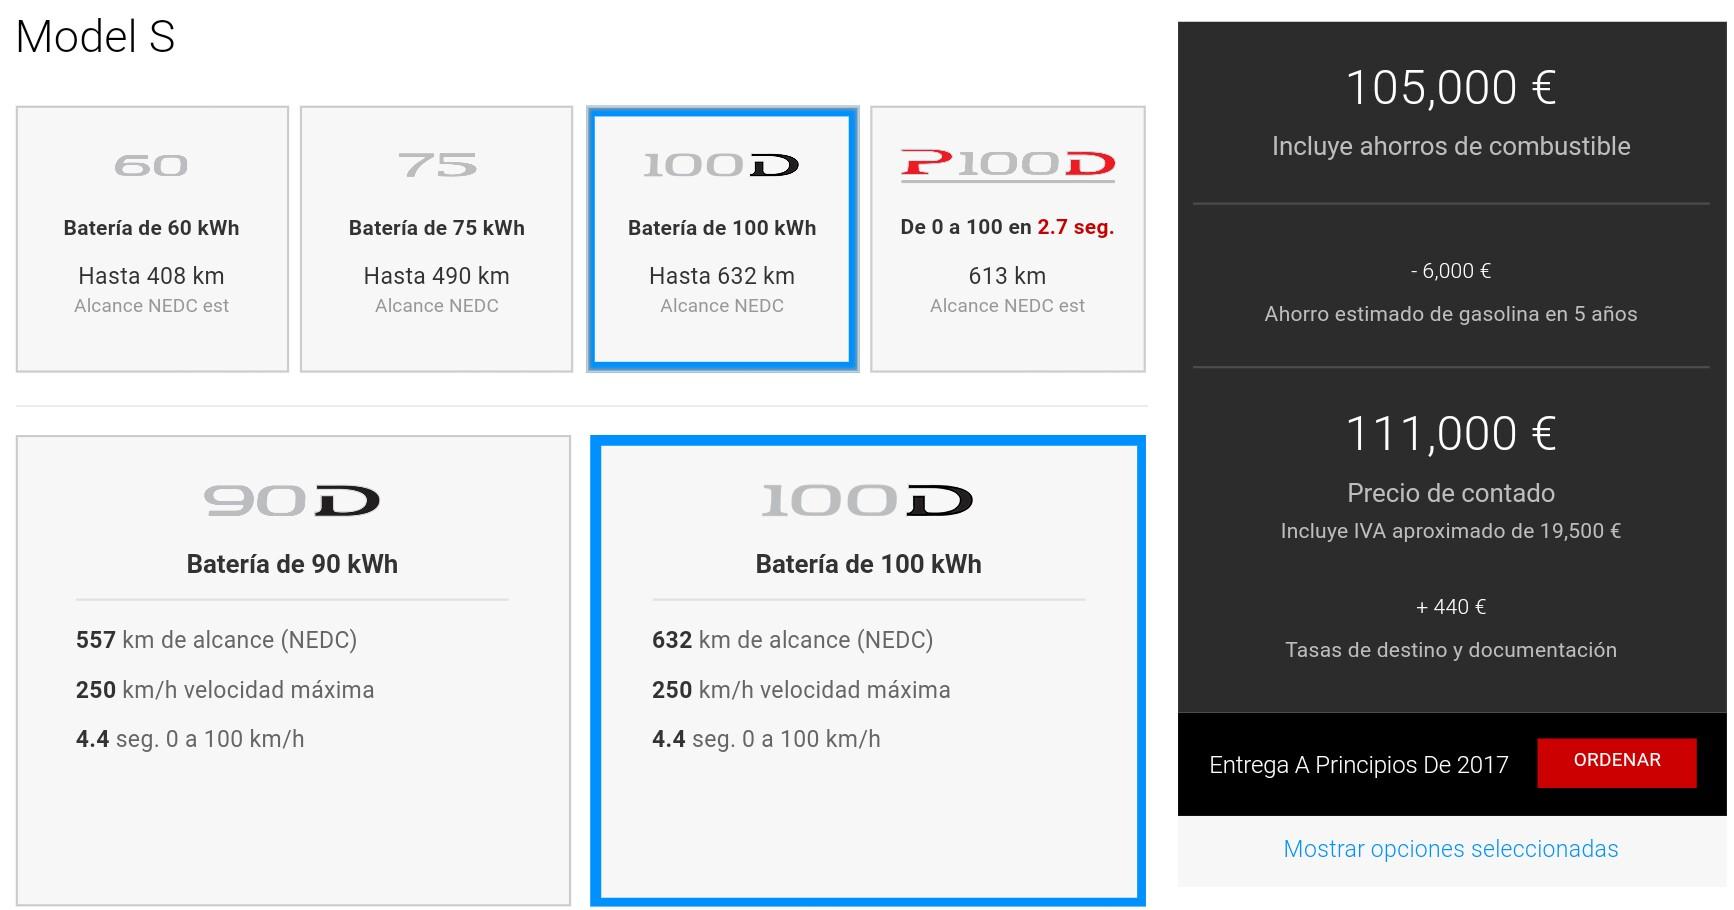 Precio del Model S 100D en España - enero de 2017